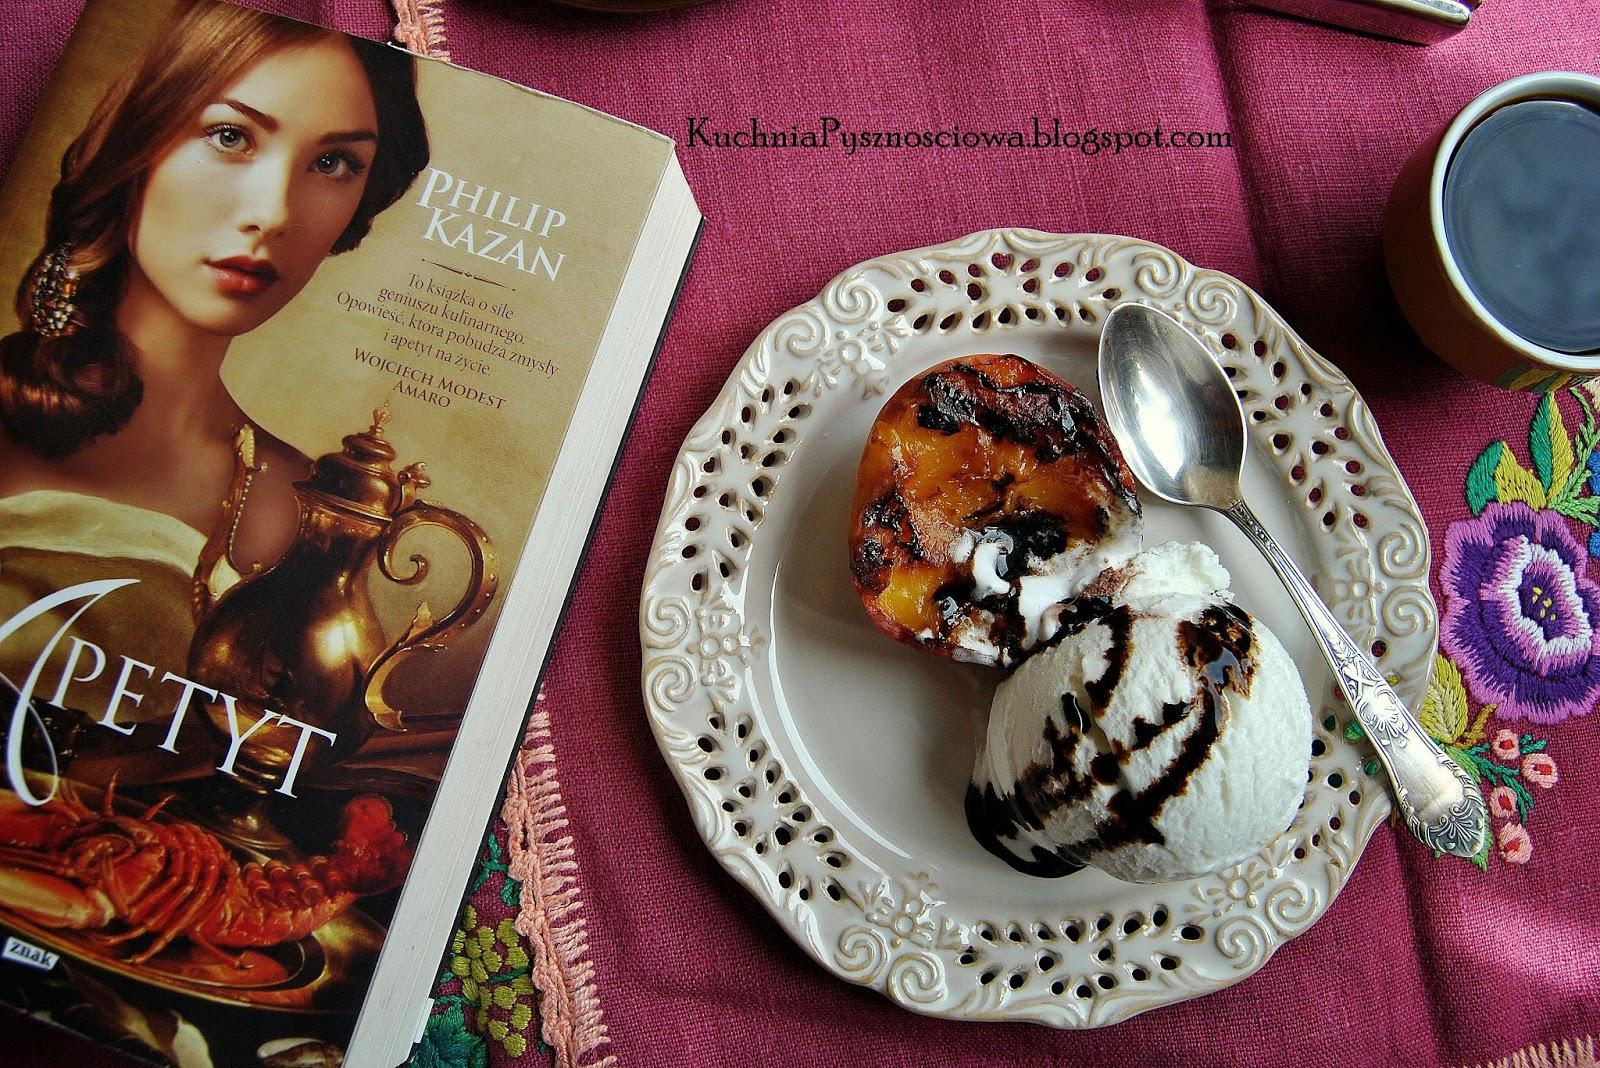 248. Grillowane brzoskwinie z lodami i idealna lektura na leniwe popołudnie